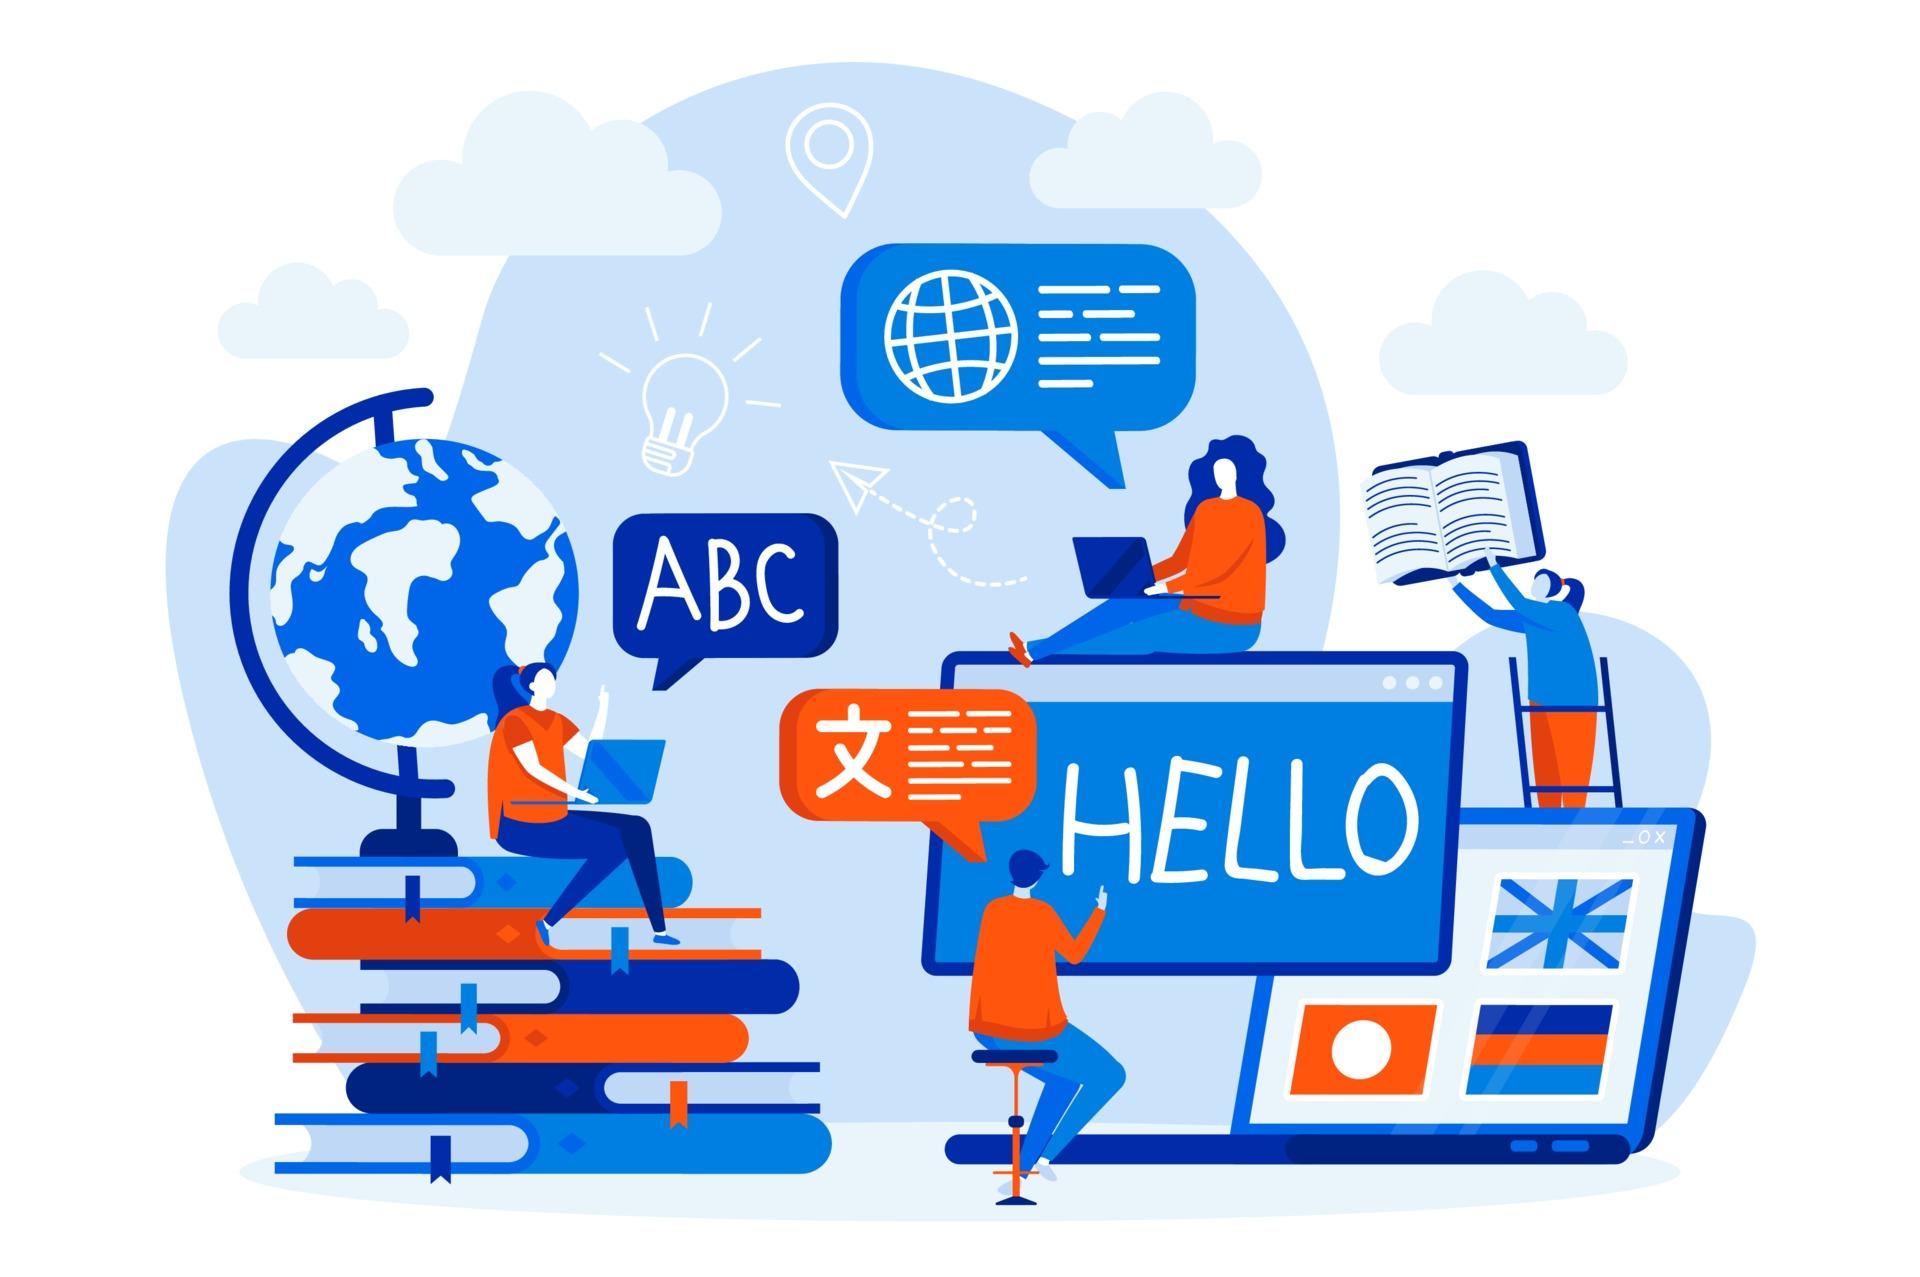 Cursos De Linguas Web Design Com Personagens De Pessoas 2314277 Vetor No Vecteezy